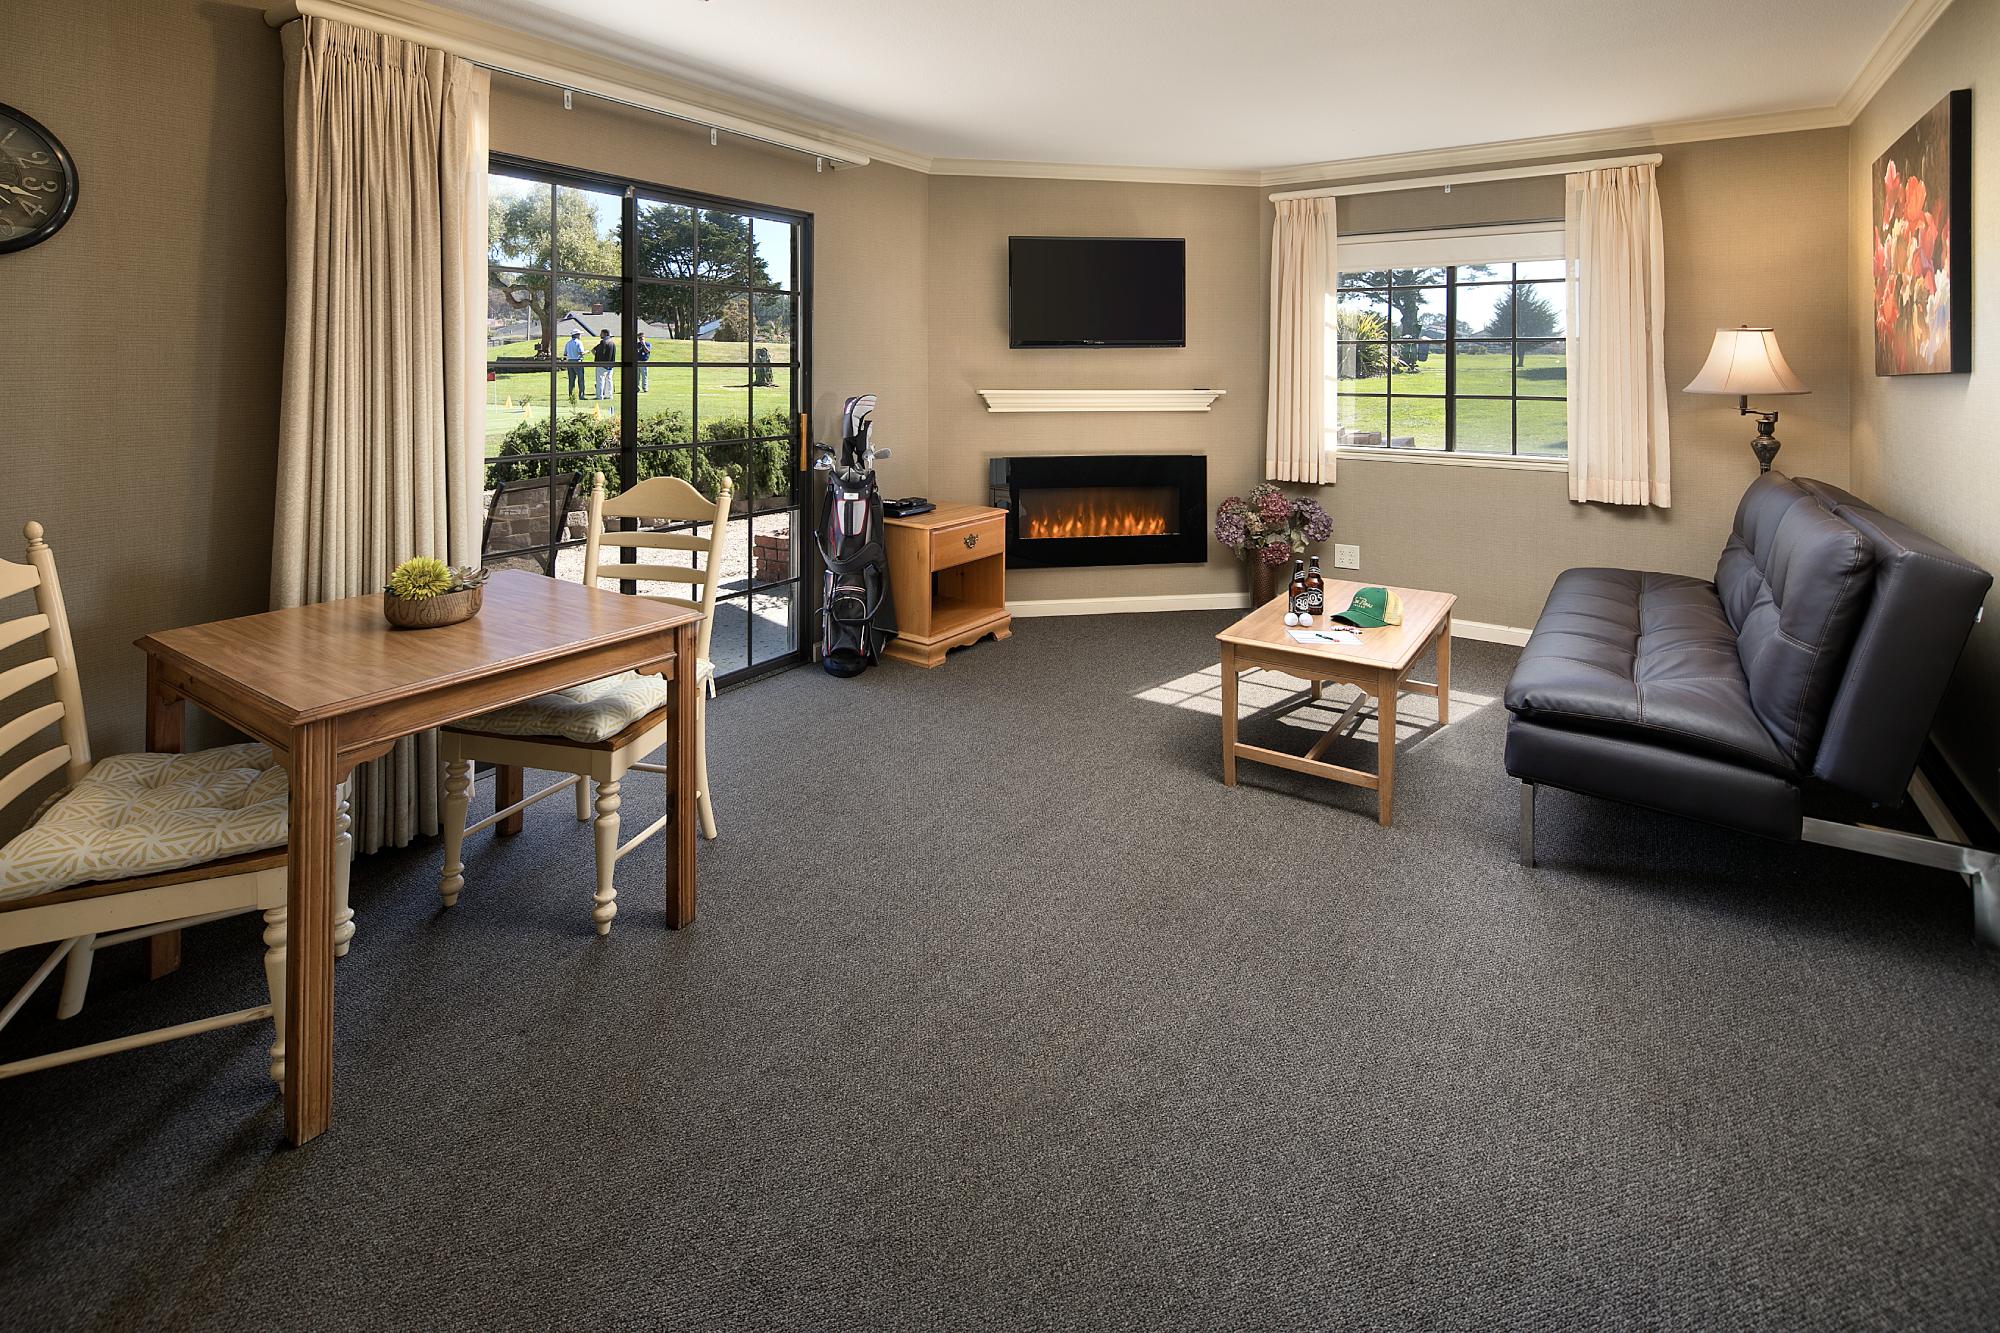 LRSeaPinesResort_Suite-living-room.png